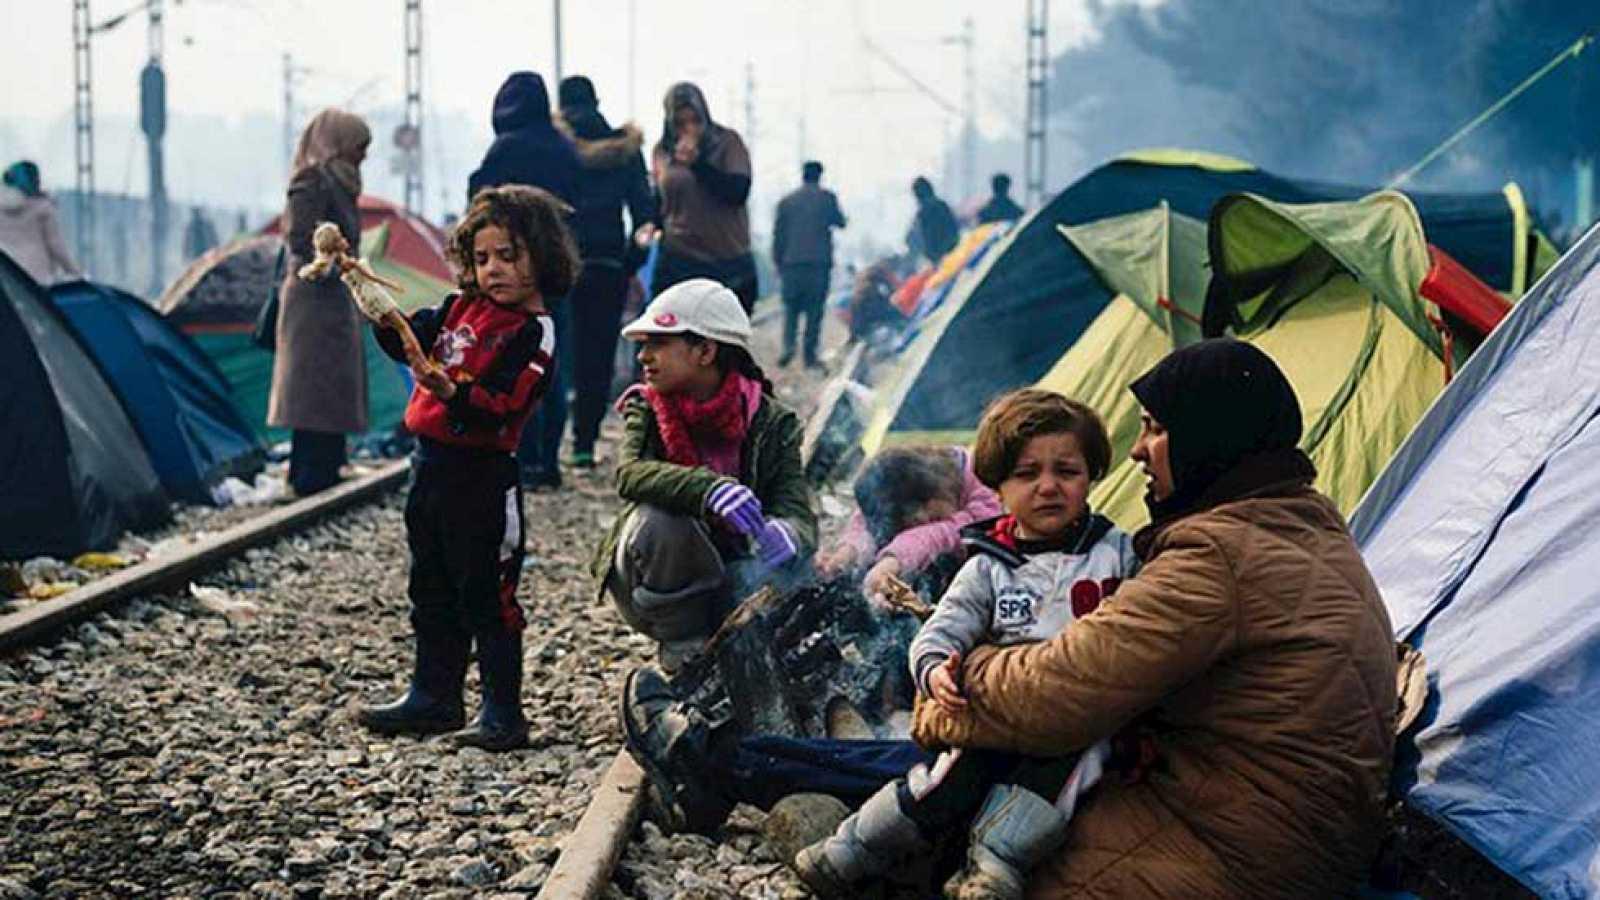 La mitad de los casi 60 millones de personas refugiadas o desplazadas son mujeres